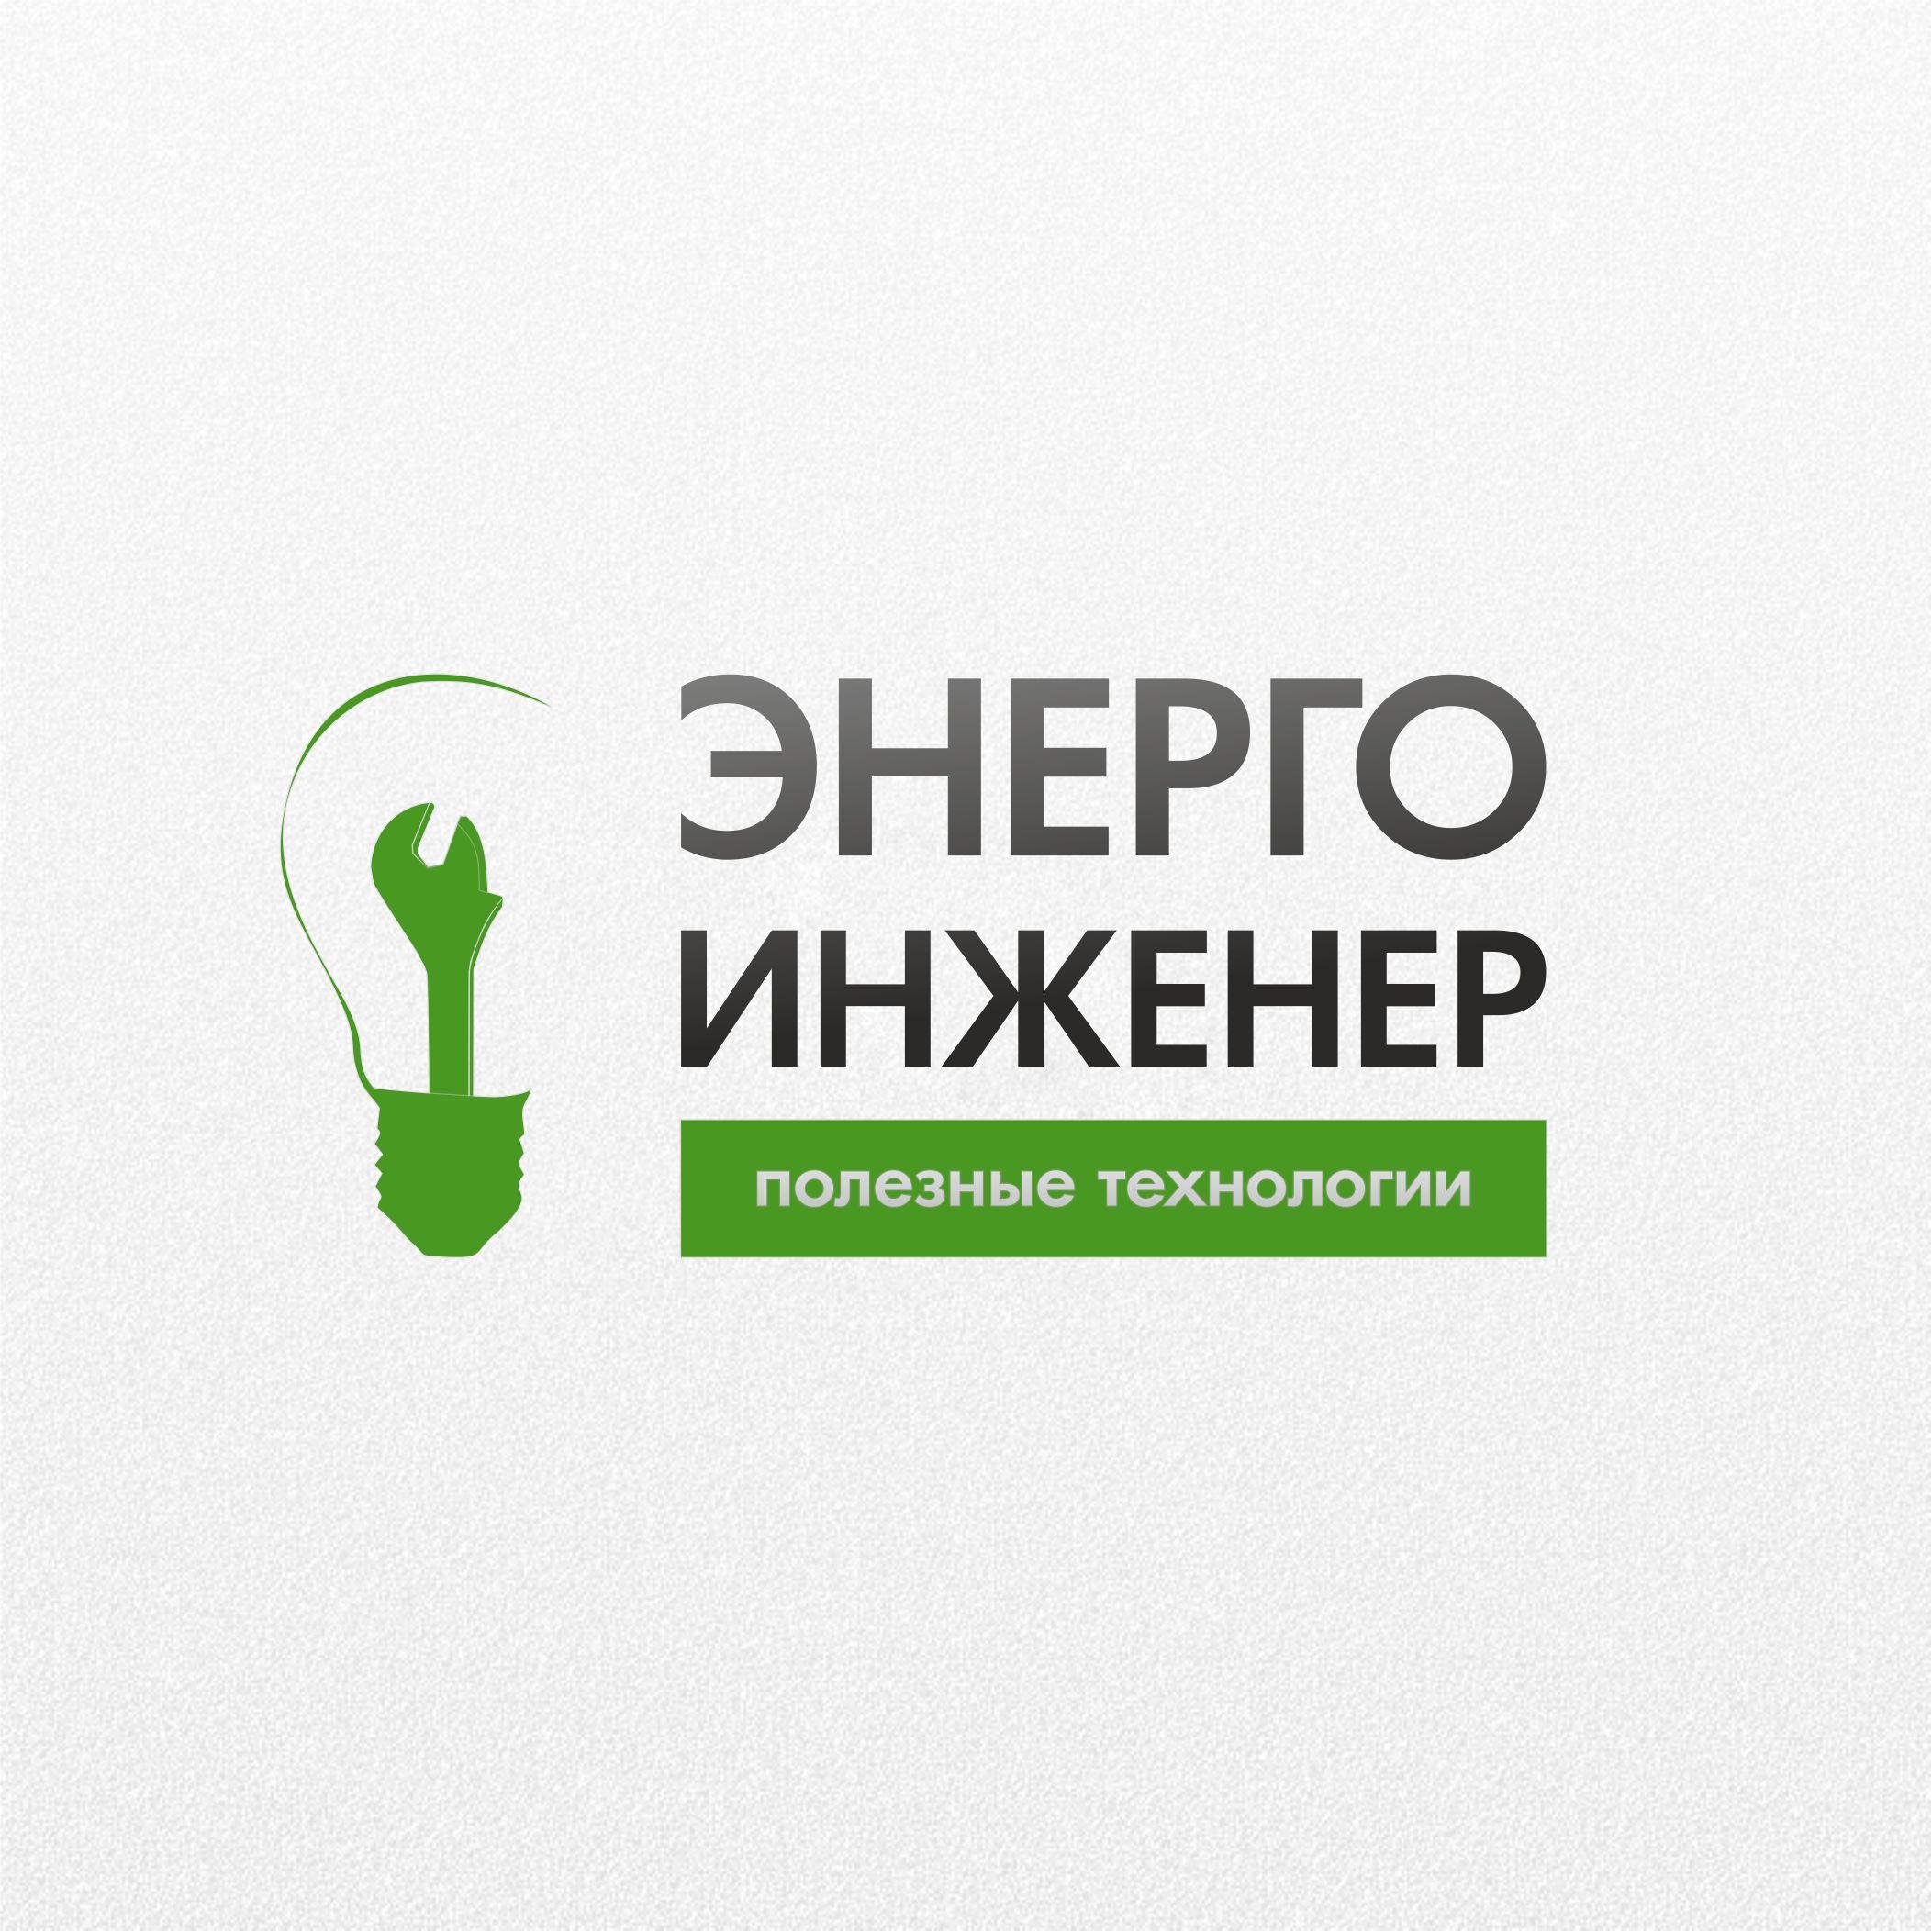 Логотип для инженерной компании фото f_36751c9fbce79560.jpg